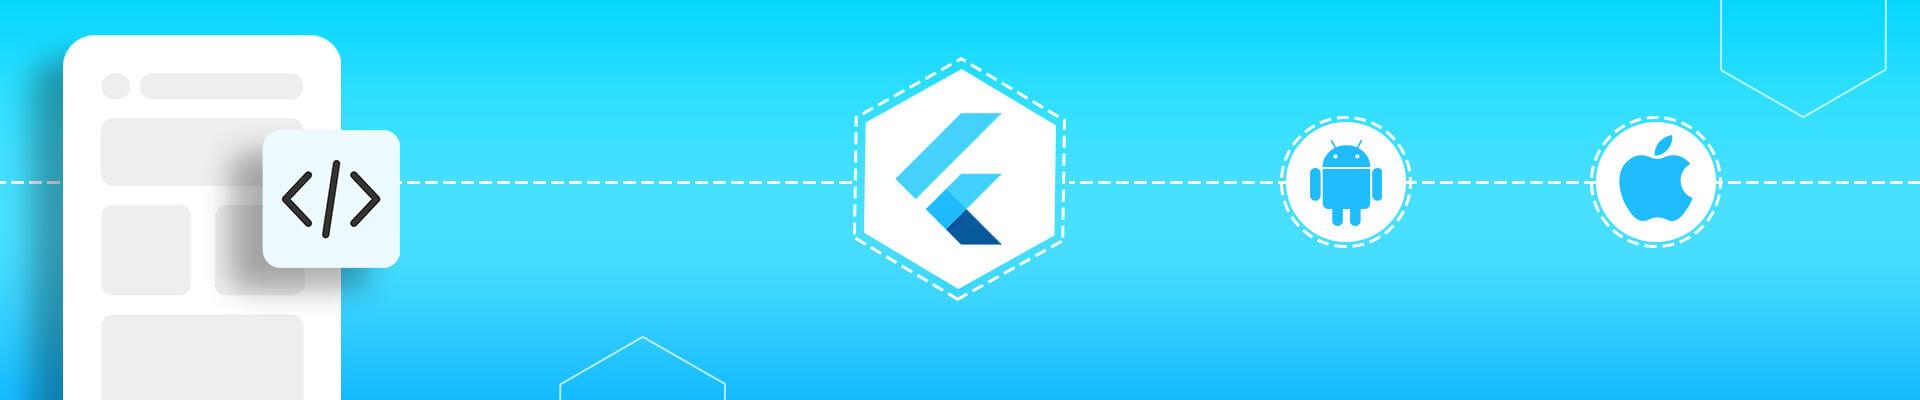 Best Flutter Application Development Guide [2021]